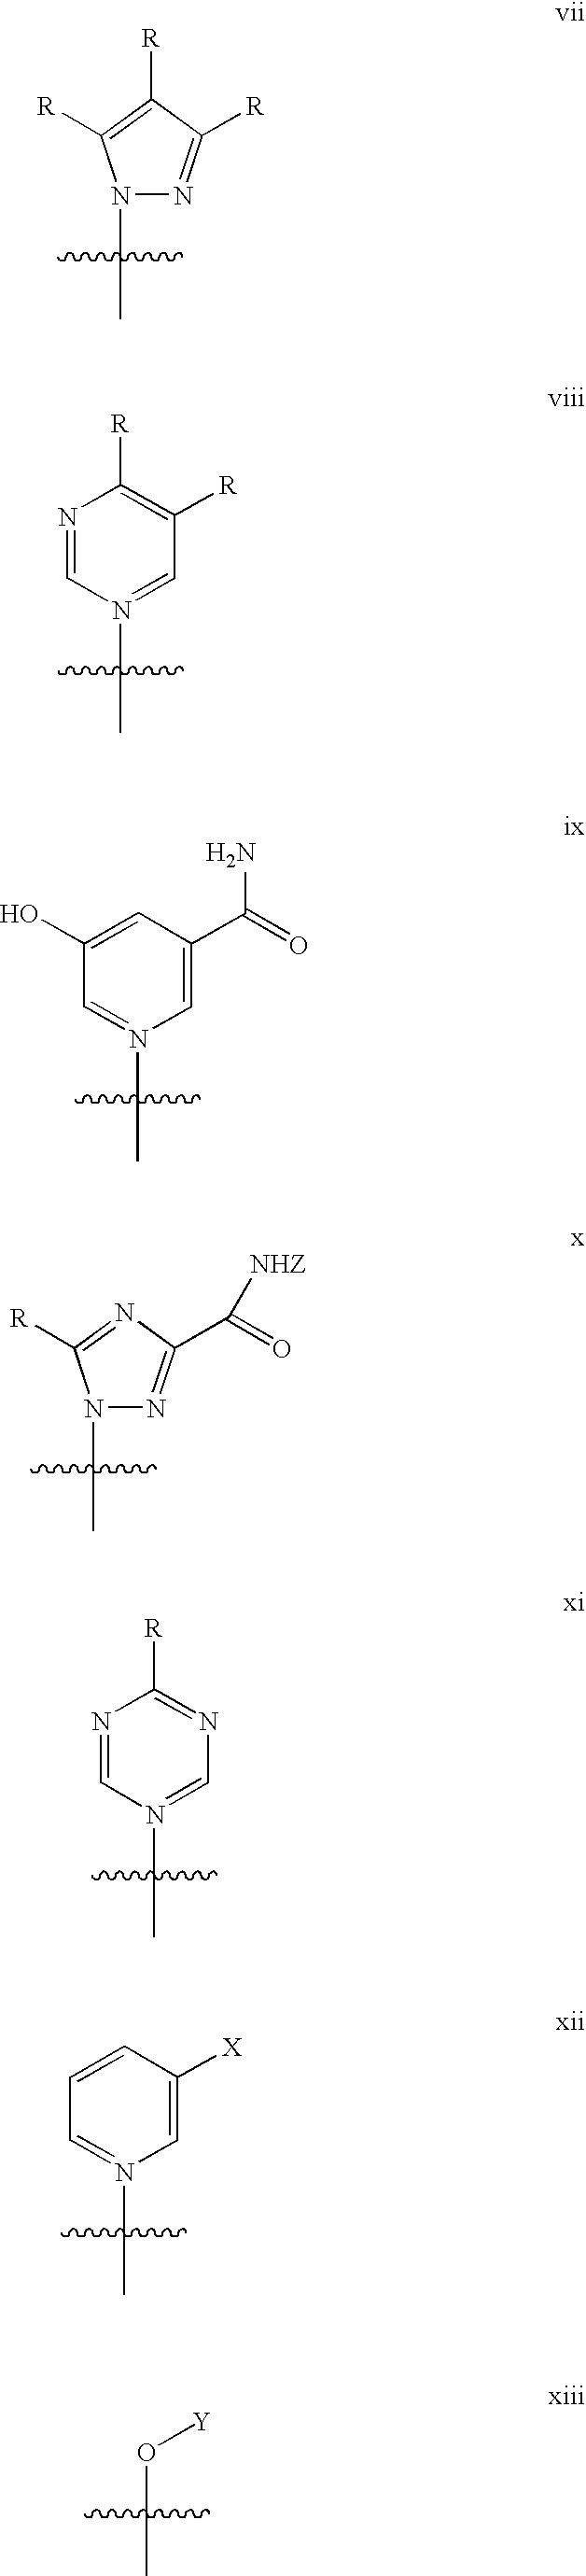 Figure US20070014833A1-20070118-C00058